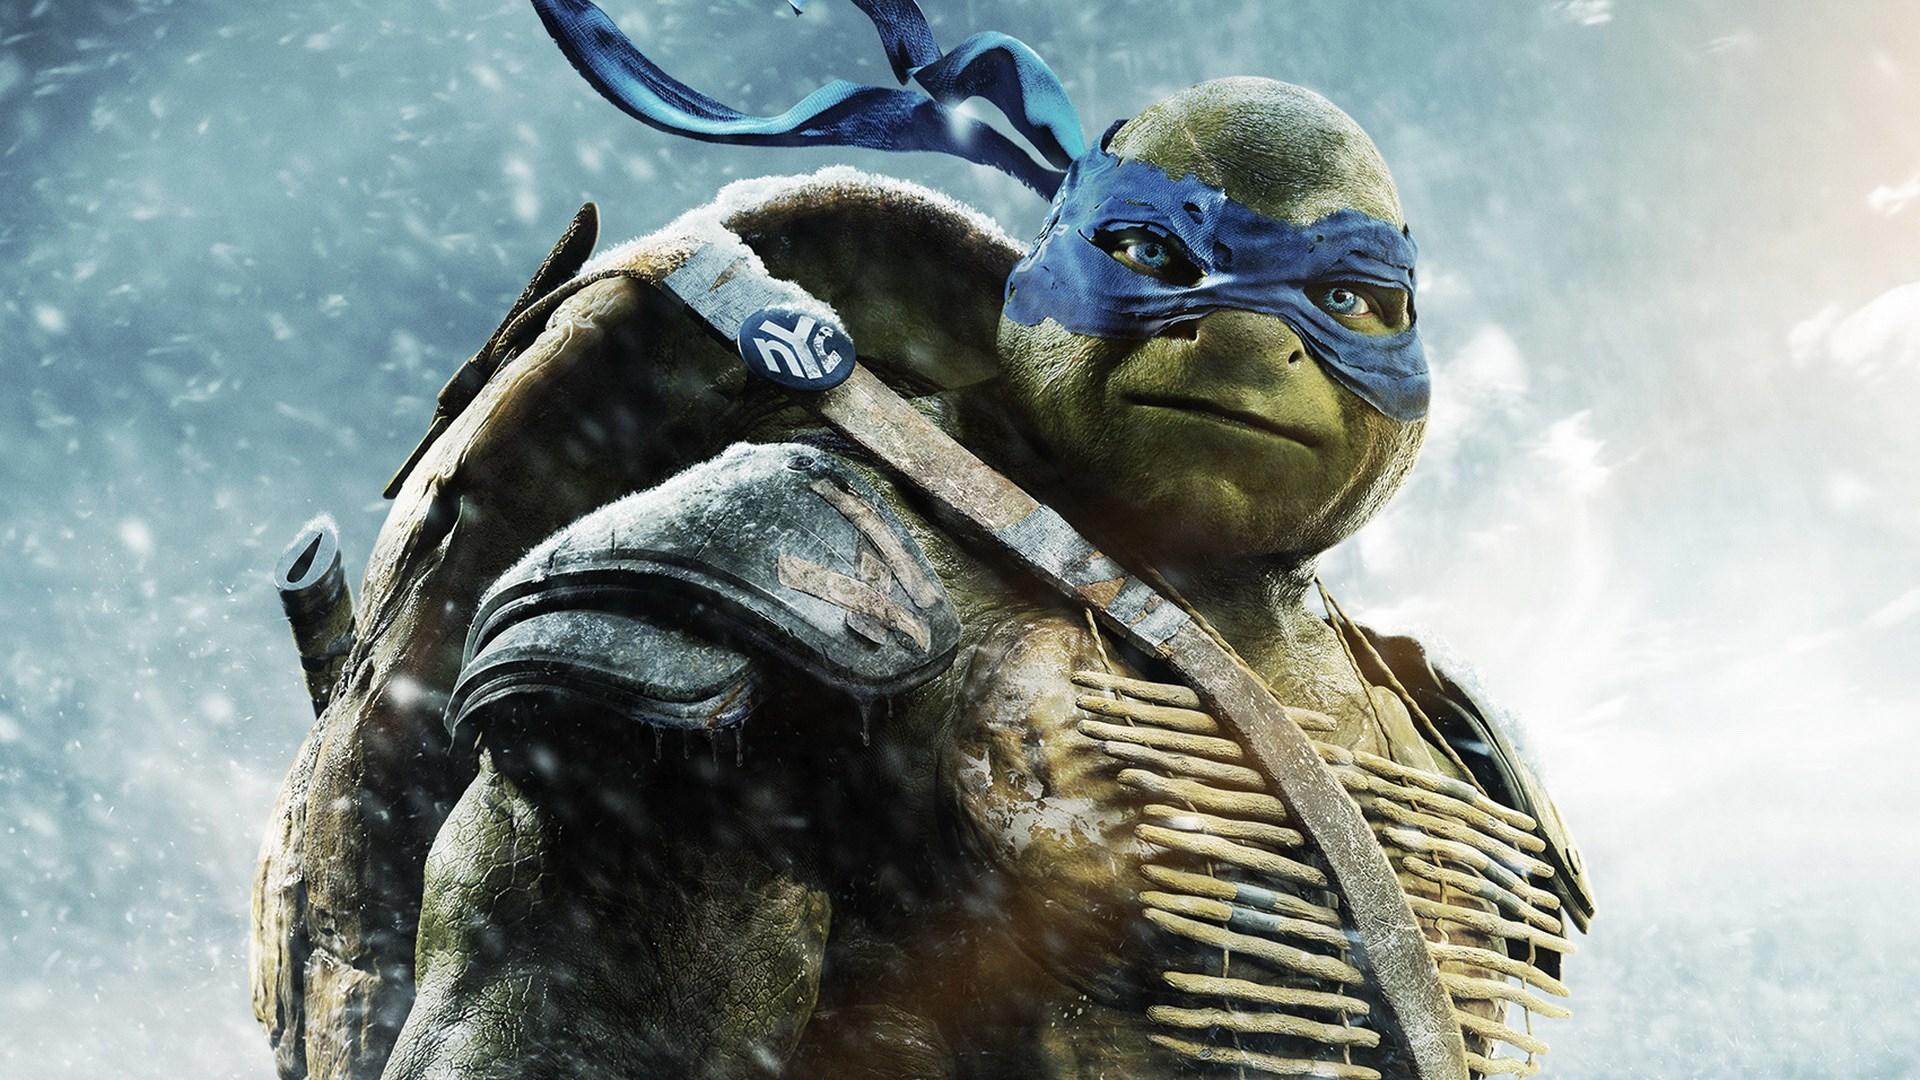 派拉蒙牵手阿里影业深度合作《星际迷航》和《忍者神龟》,传递什么信号?